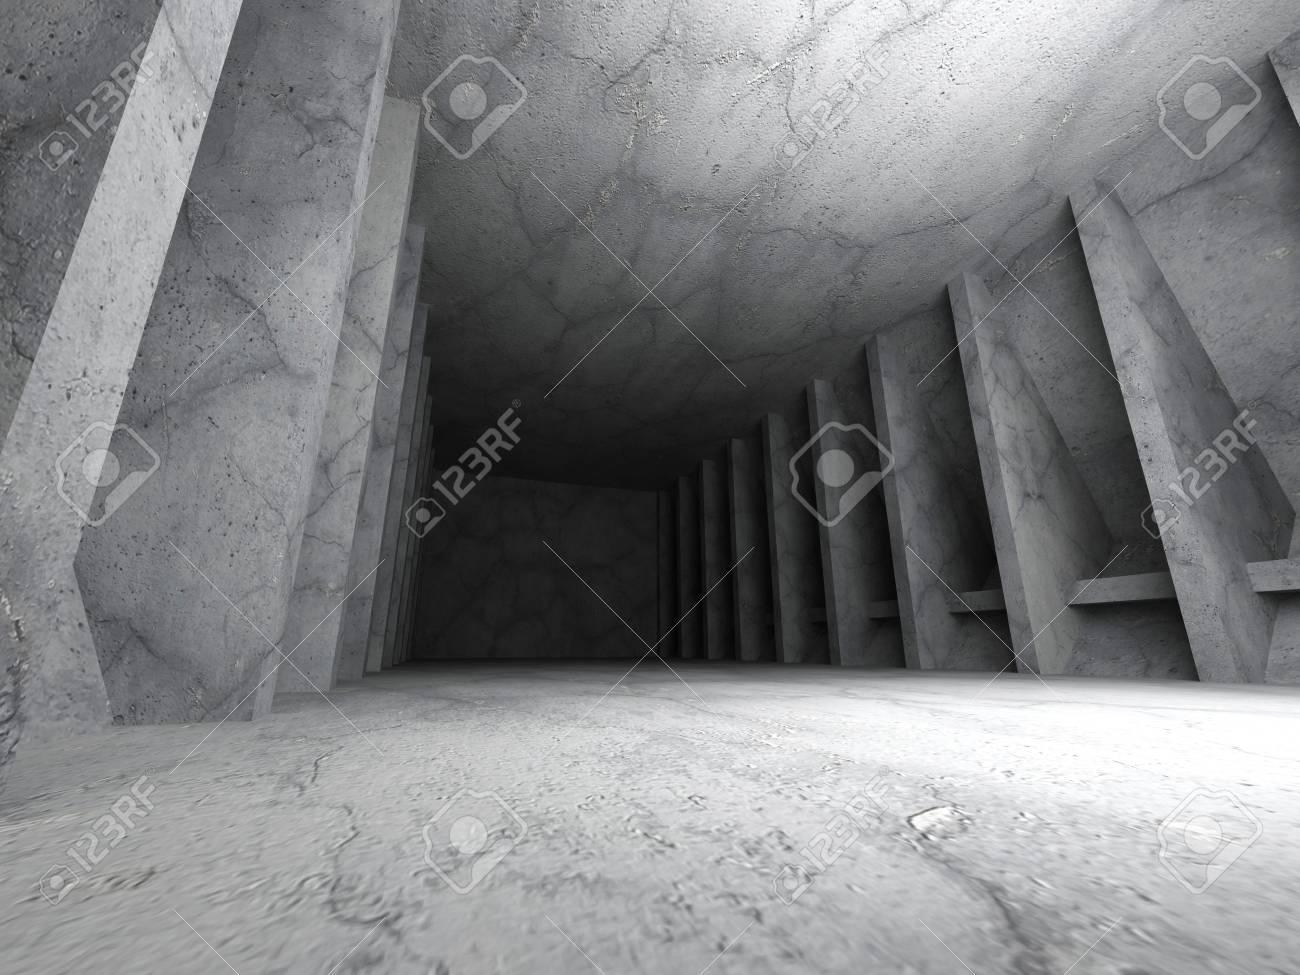 Hormigón cuarto oscuro interior urbano. Fondo de la arquitectura moderna.  3d ilustración